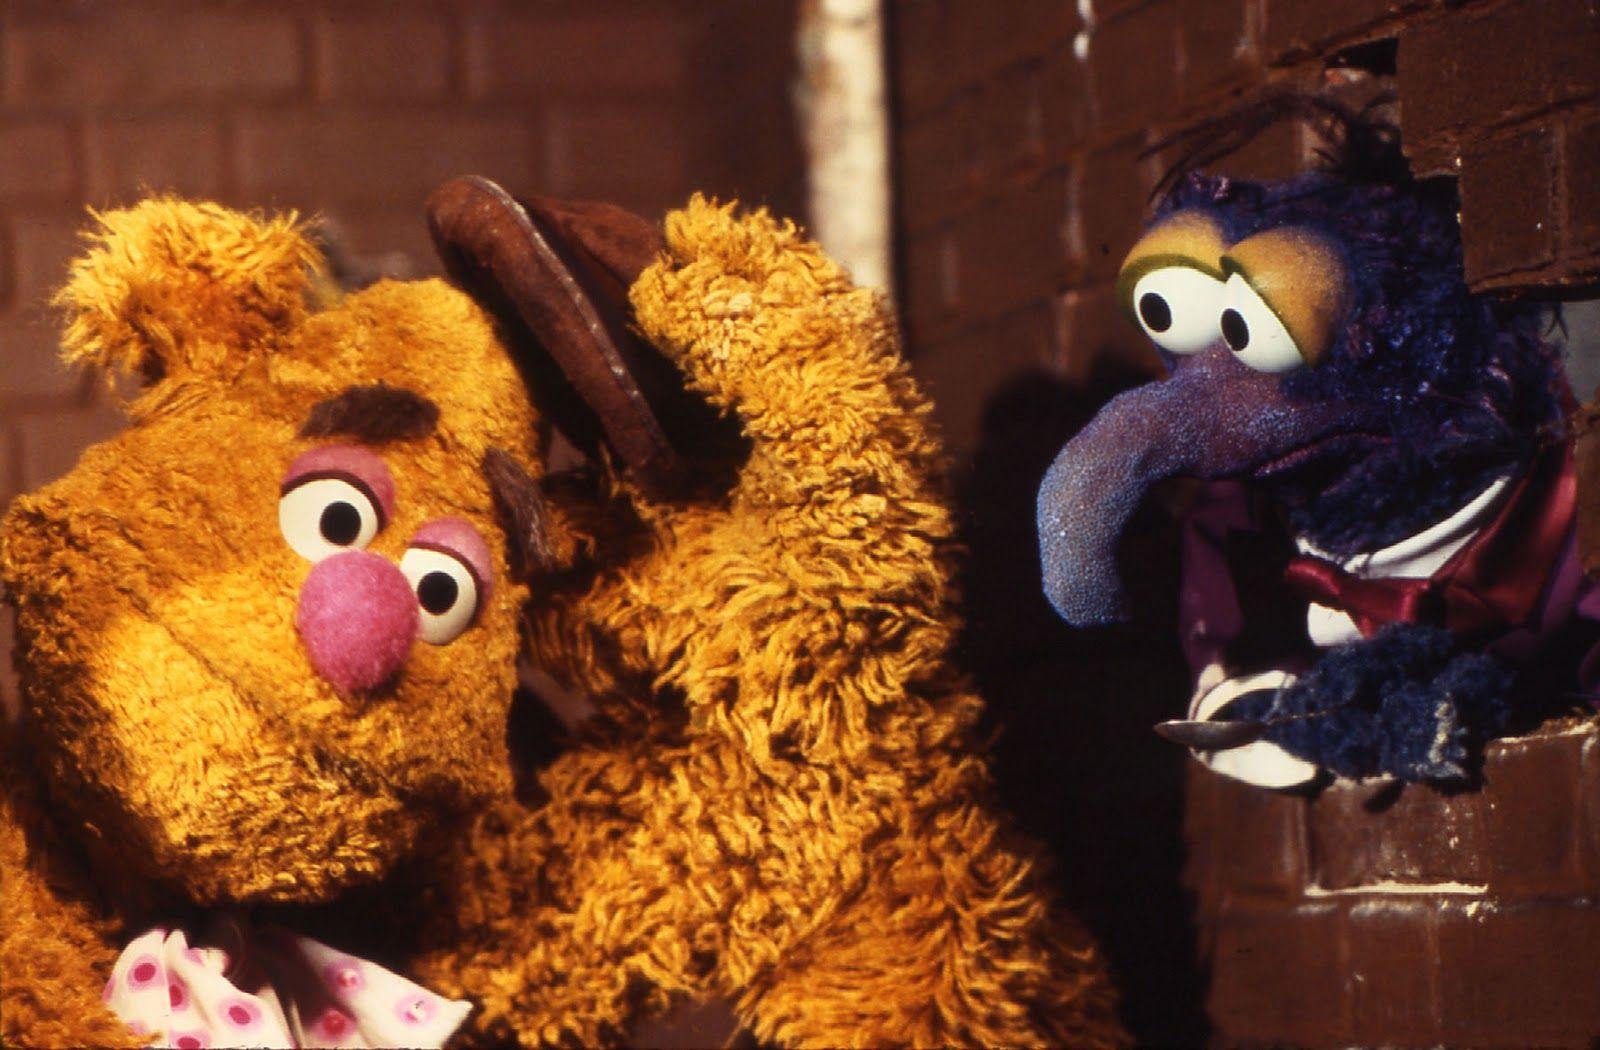 Fozzie Bear Fozzie Bear The Muppets Fozzie Fozzie Bear Muppets